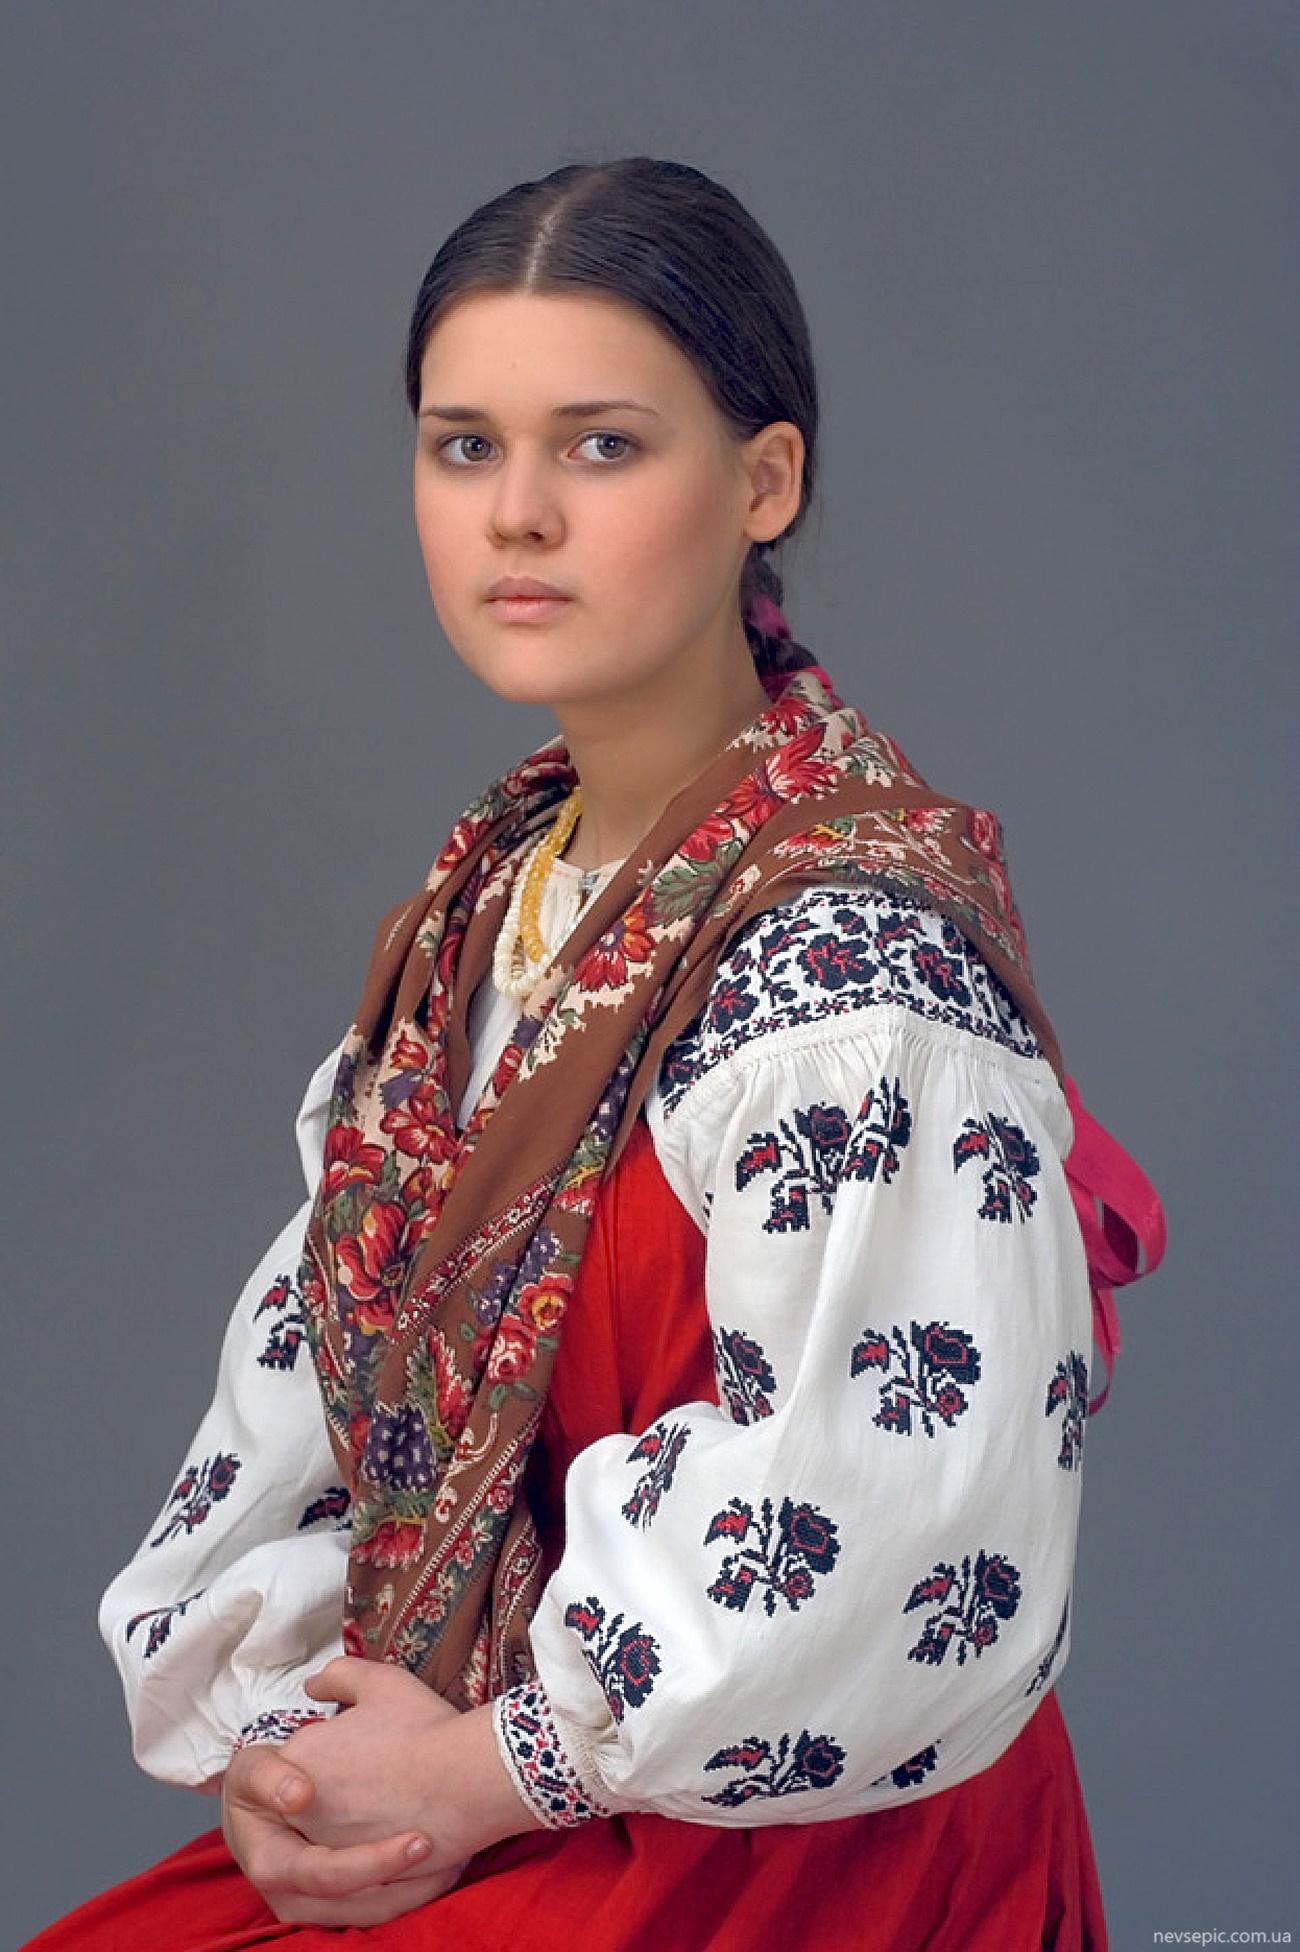 Фото русской девушки в национальном костюме 2